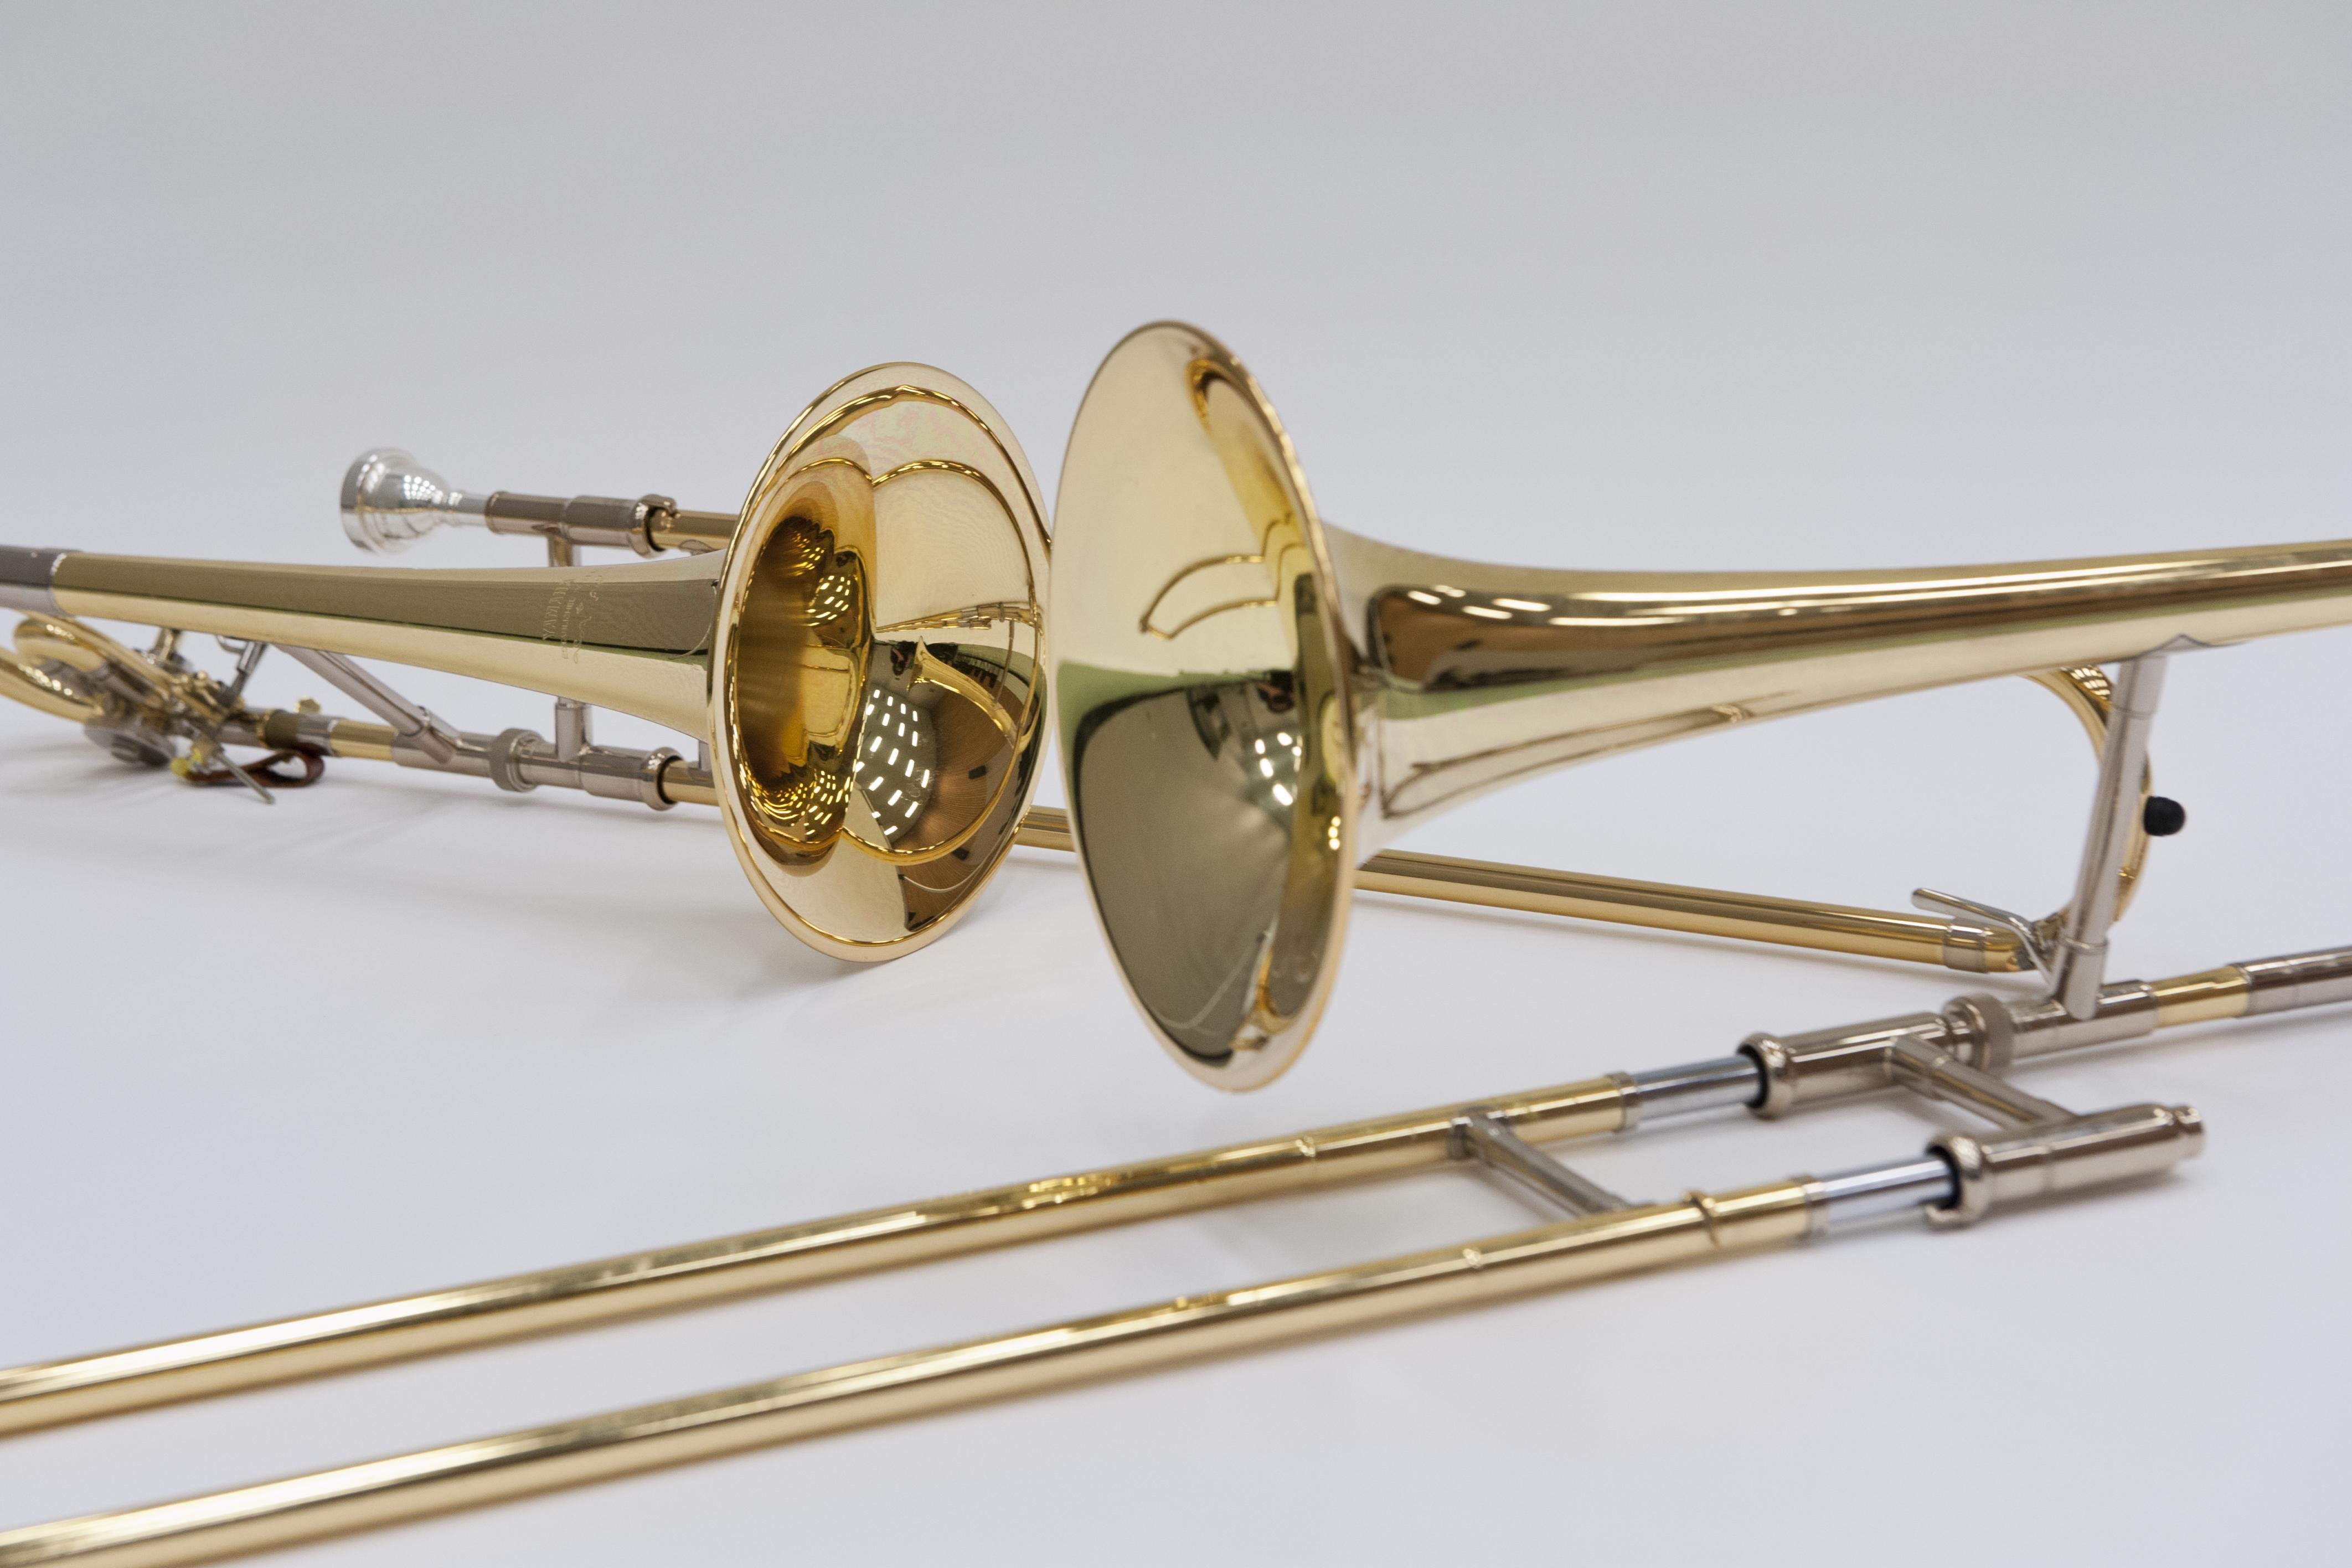 Trombones photo